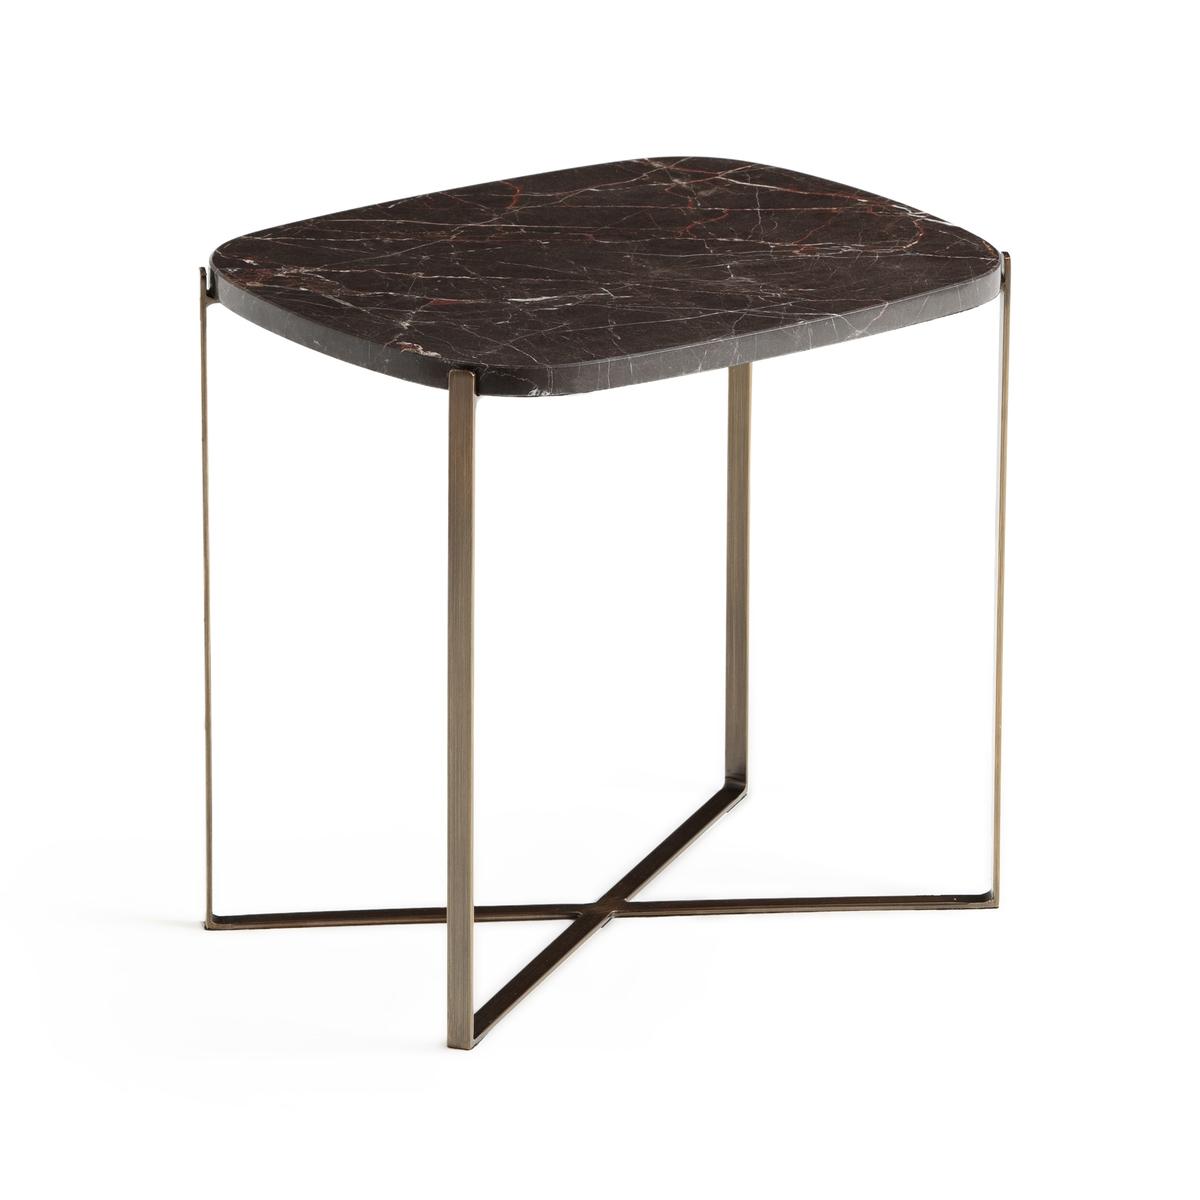 Столик La Redoute Диванный органической формы из мрамора Arambol единый размер каштановый столик журнальный из мрамора овальной формы arambol